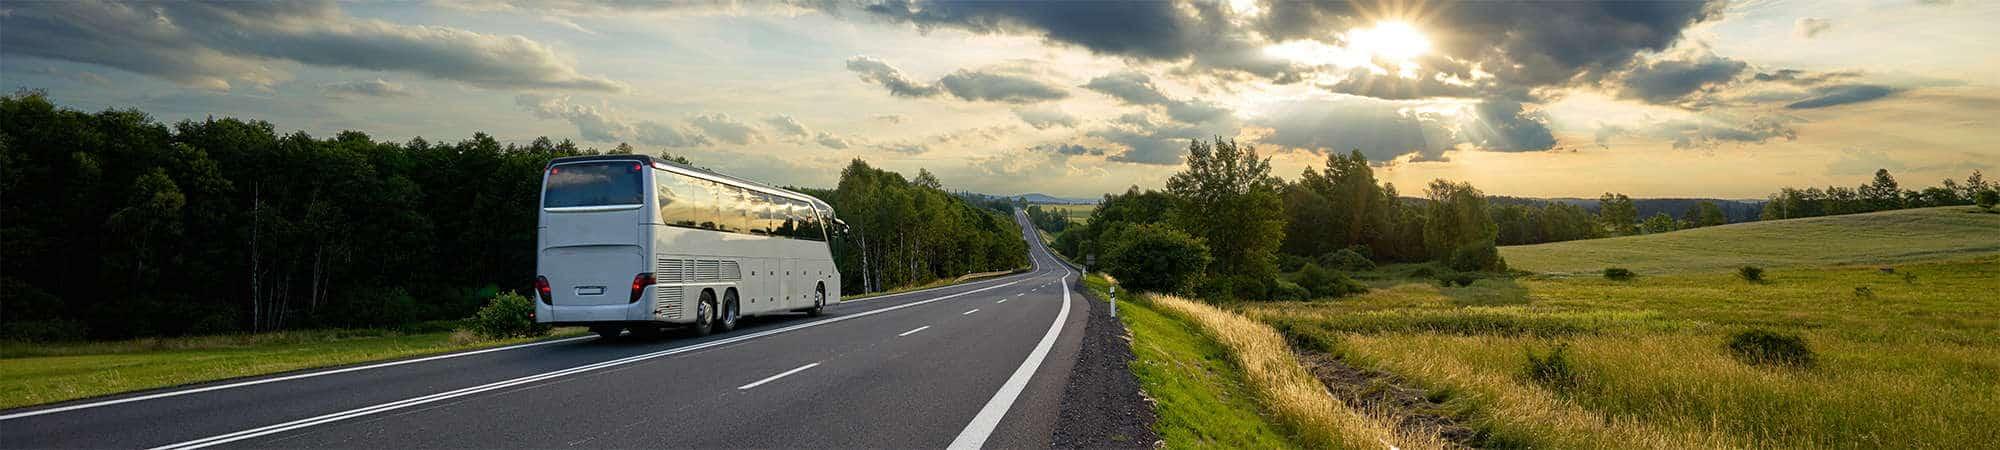 UK Minibus Travel